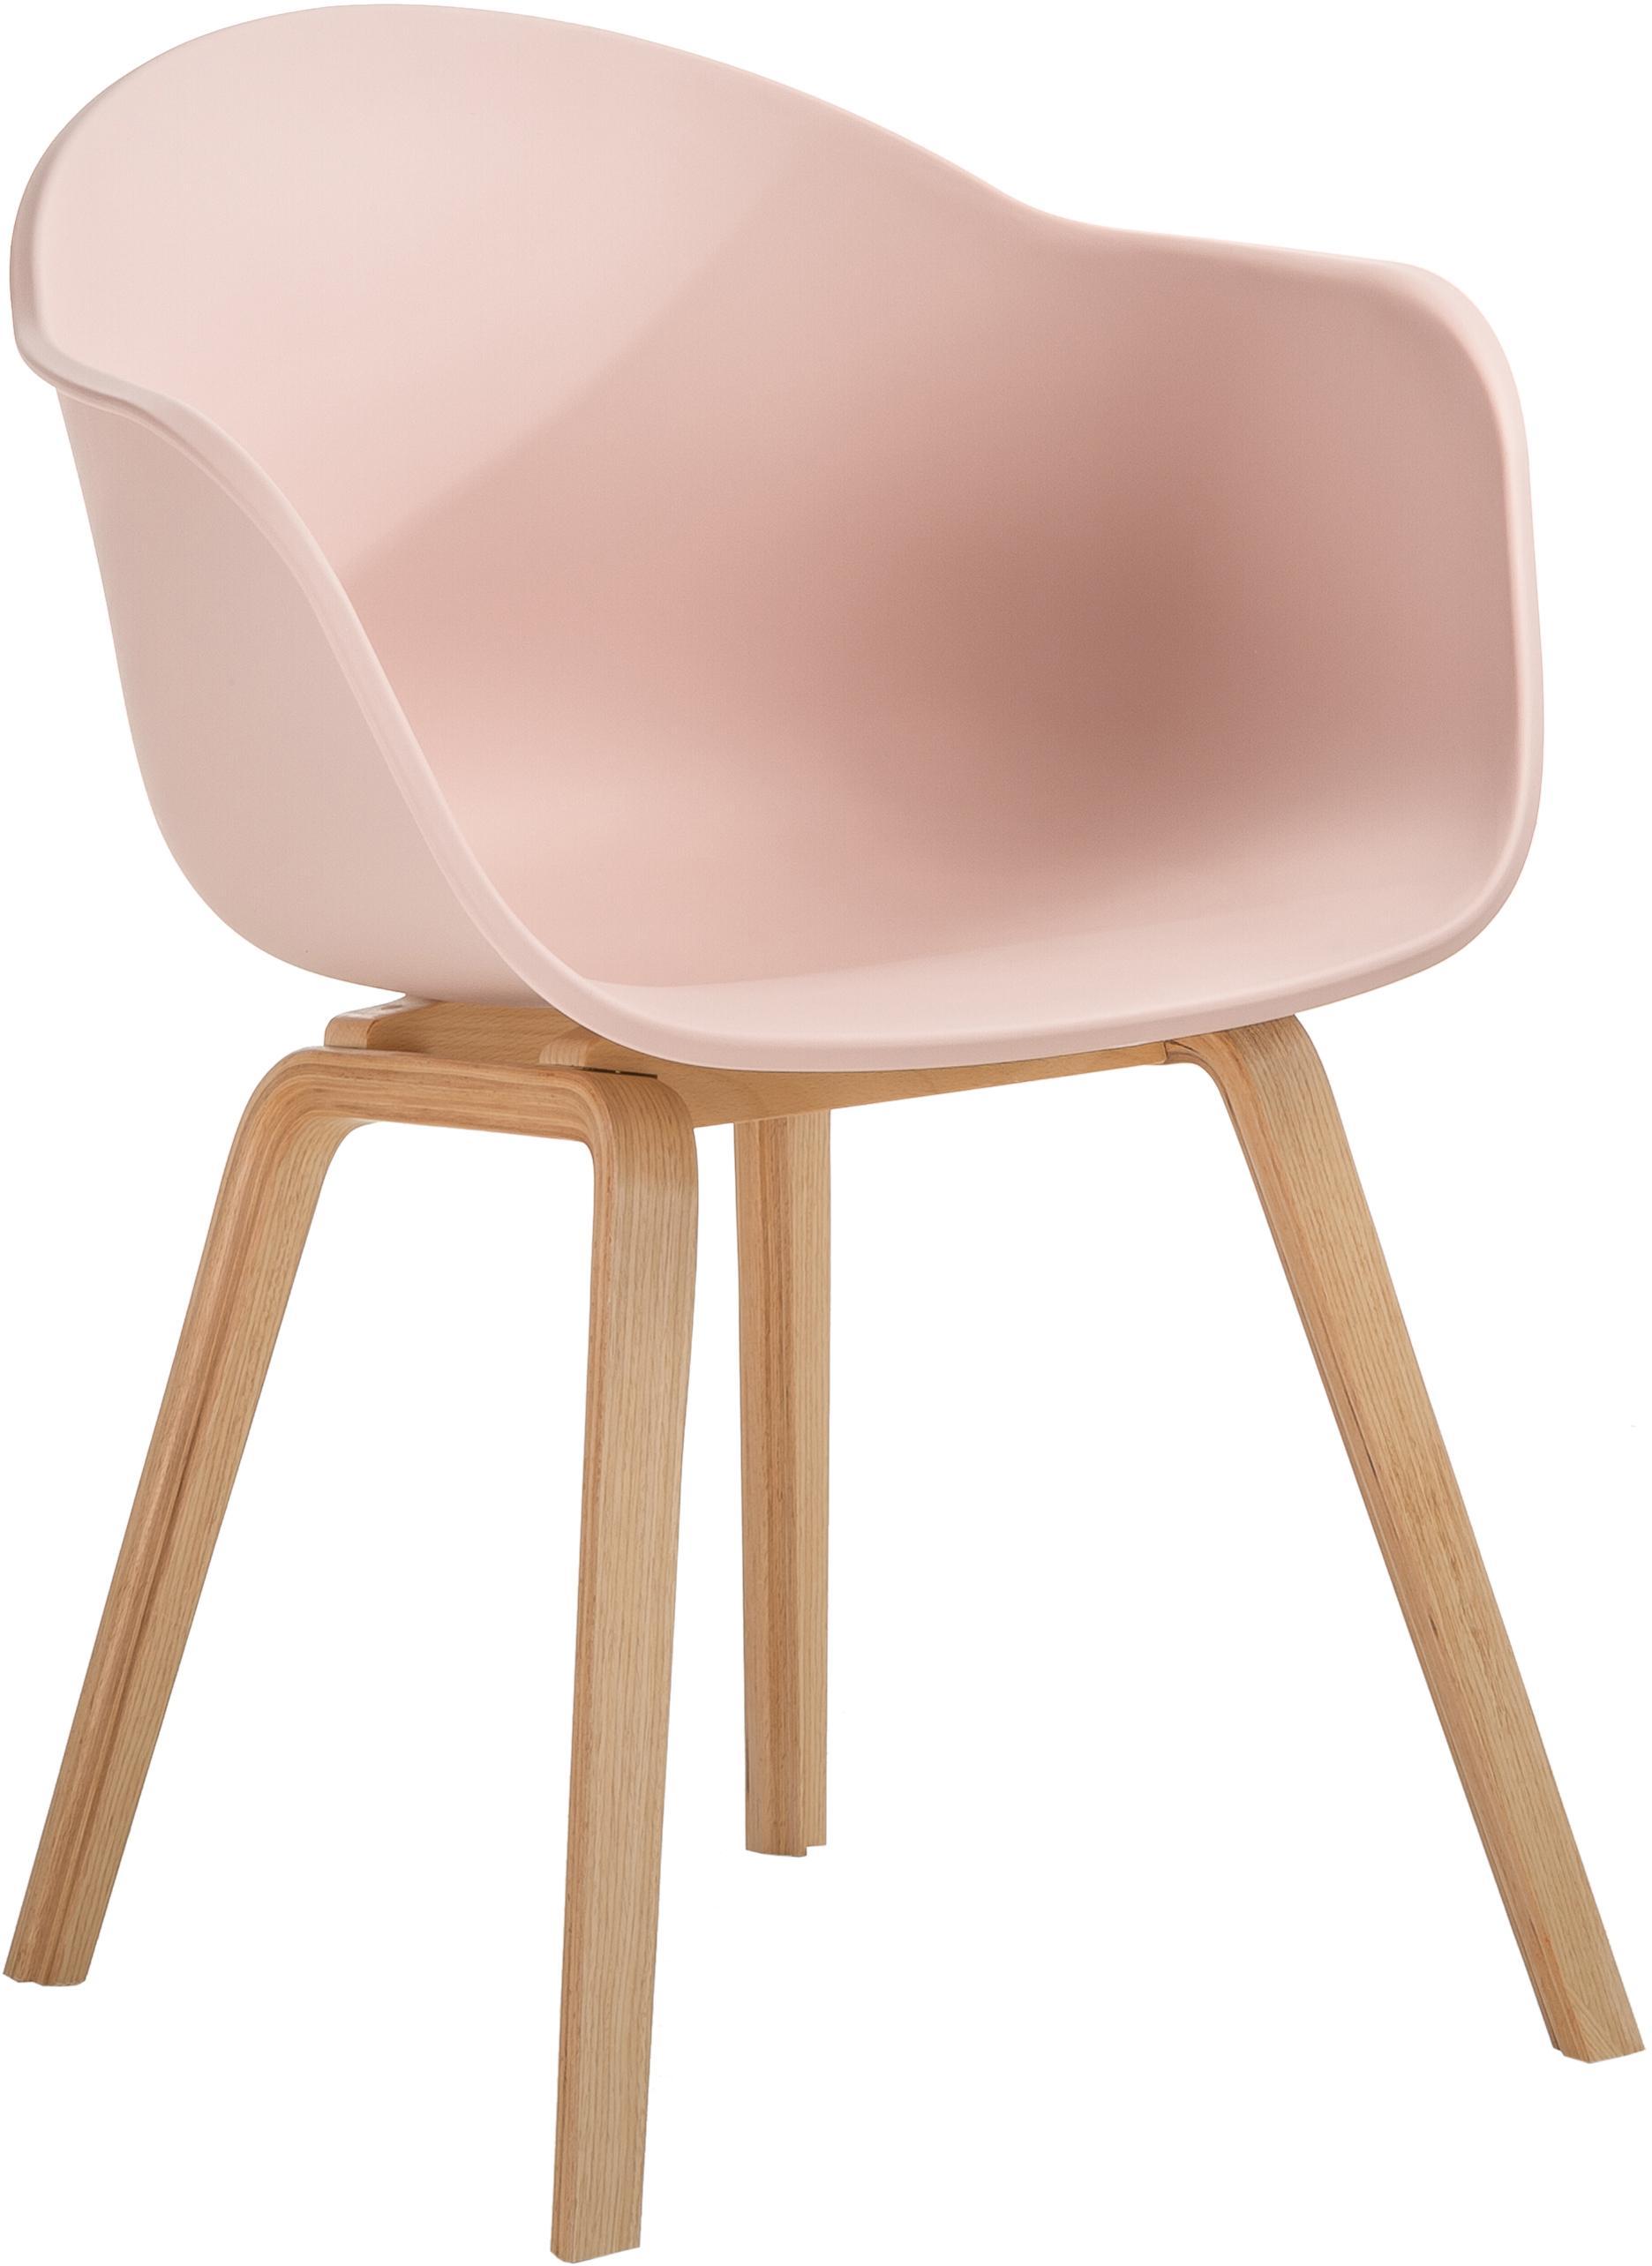 Silla con reposabrazos Claire, Asiento: plástico, Patas: madera de haya, Asiento: rosa Patas: madera de haya, An 61 x F 58 cm